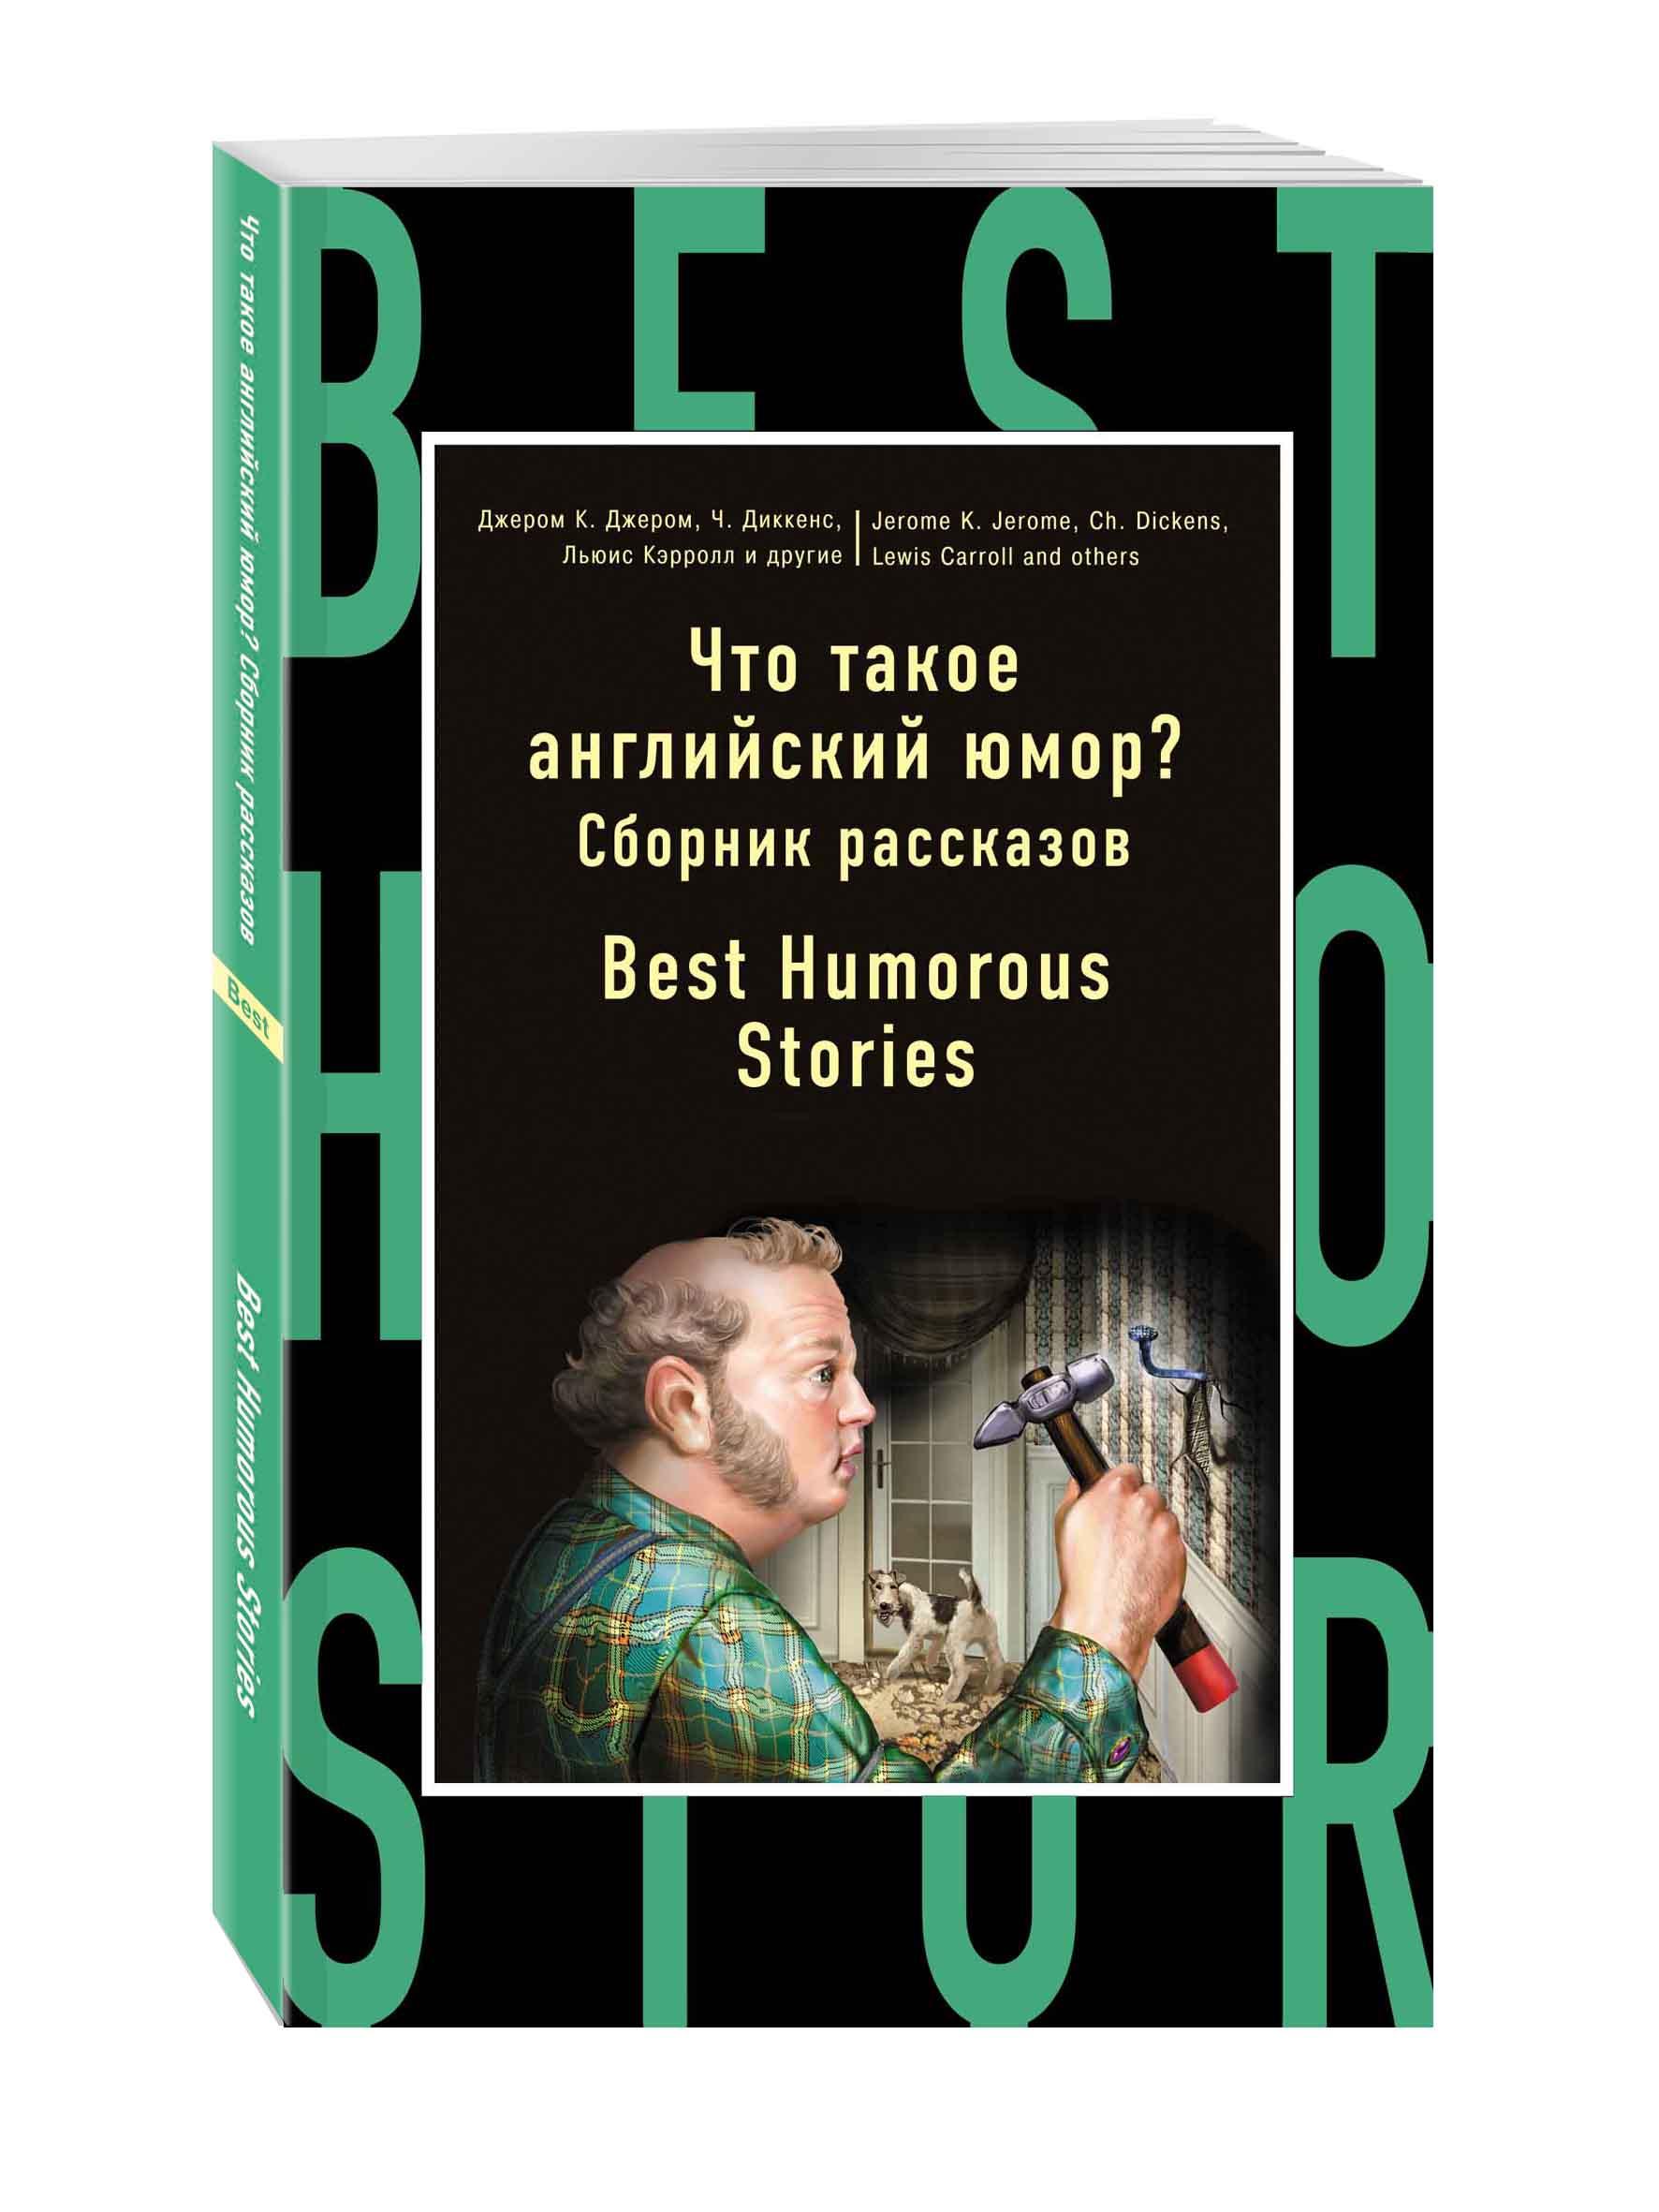 Что такое английский юмор? Сборник рассказов = Best Humorous Stories ( Джером К. Джером, Чарльз Диккенс, Льюис Кэрролл и др.  )